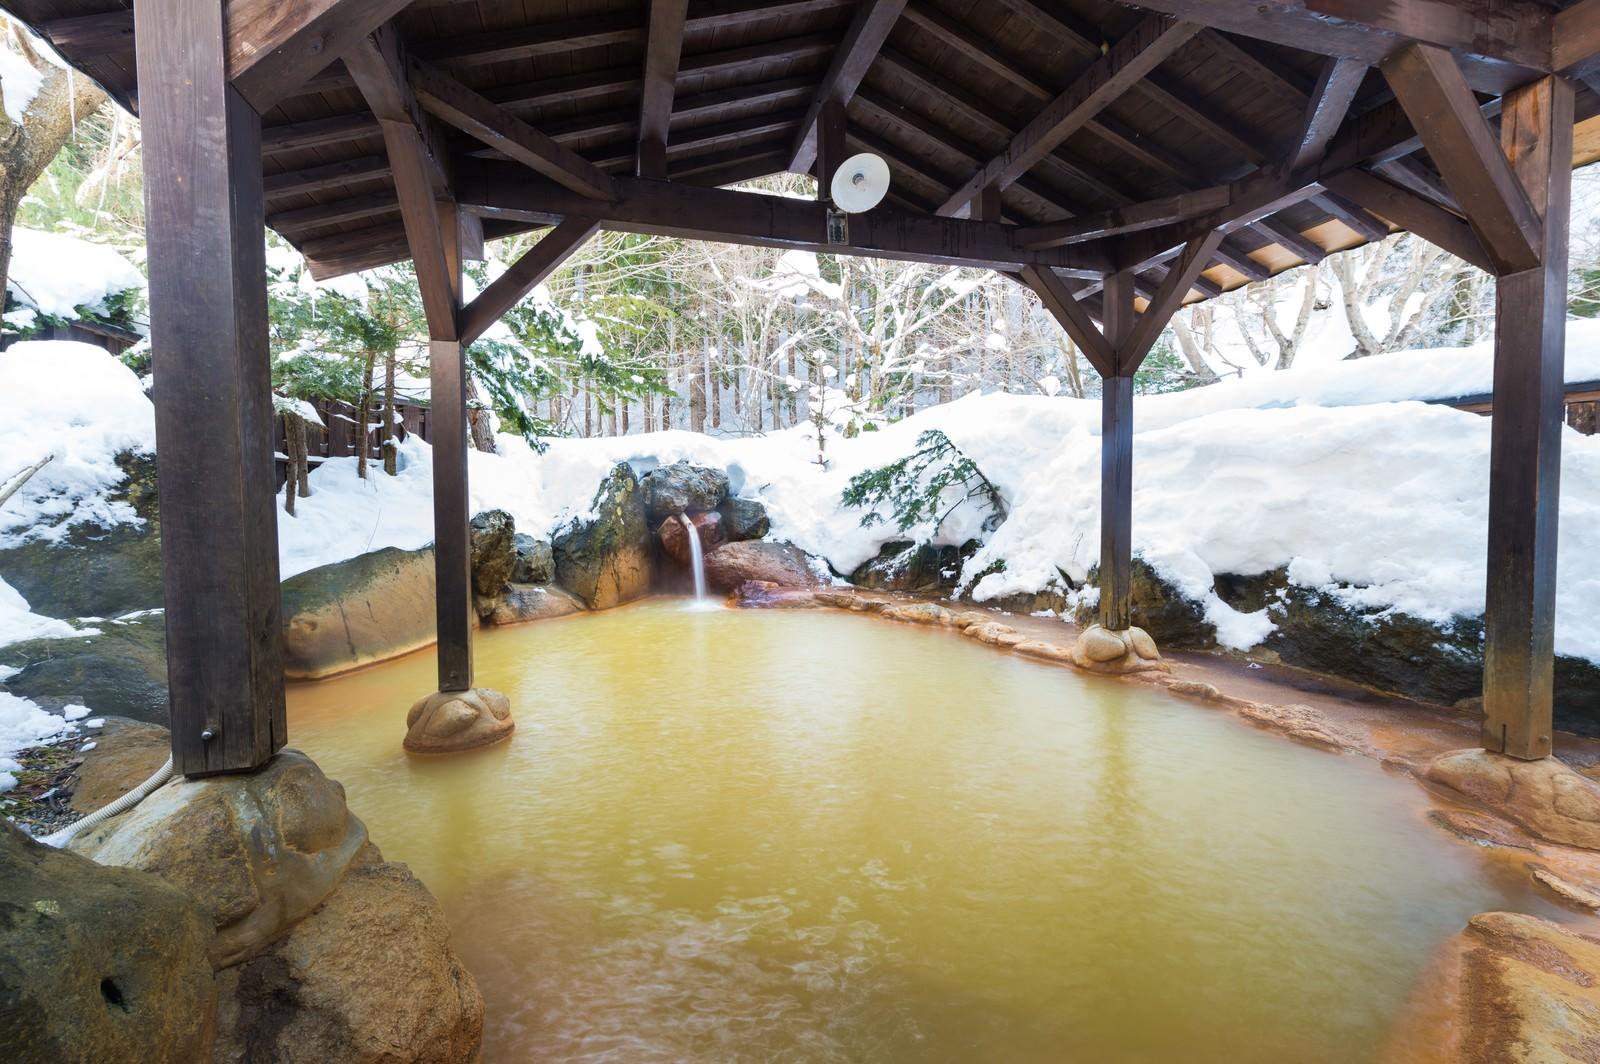 「秘湯感あふれる源泉かけ流し雪見露天が楽しめる平湯民俗館の平湯の湯」の写真